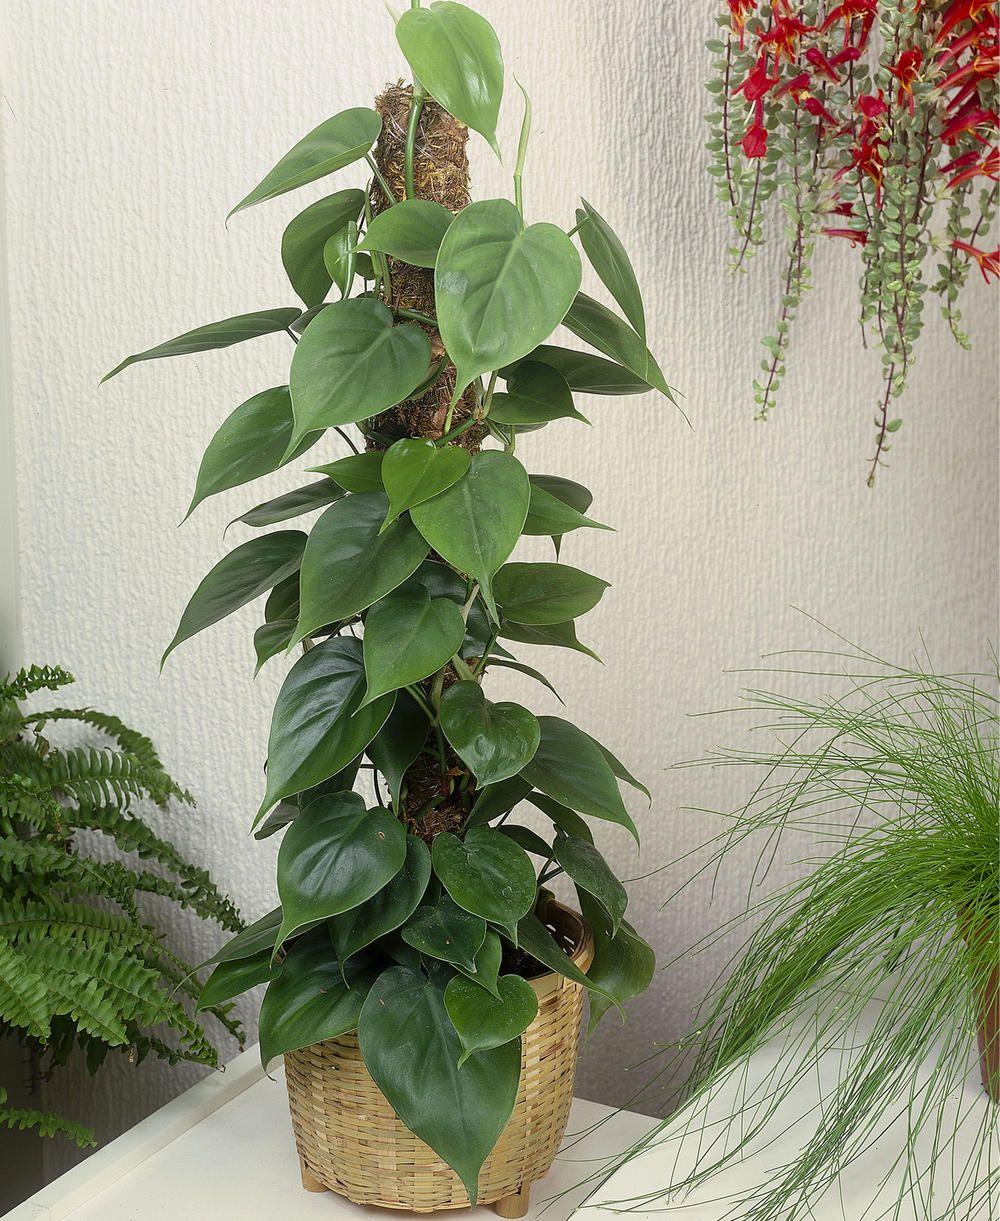 Kletter-Philodendron (Philodendron scandens) pflanzen und pflegen ...